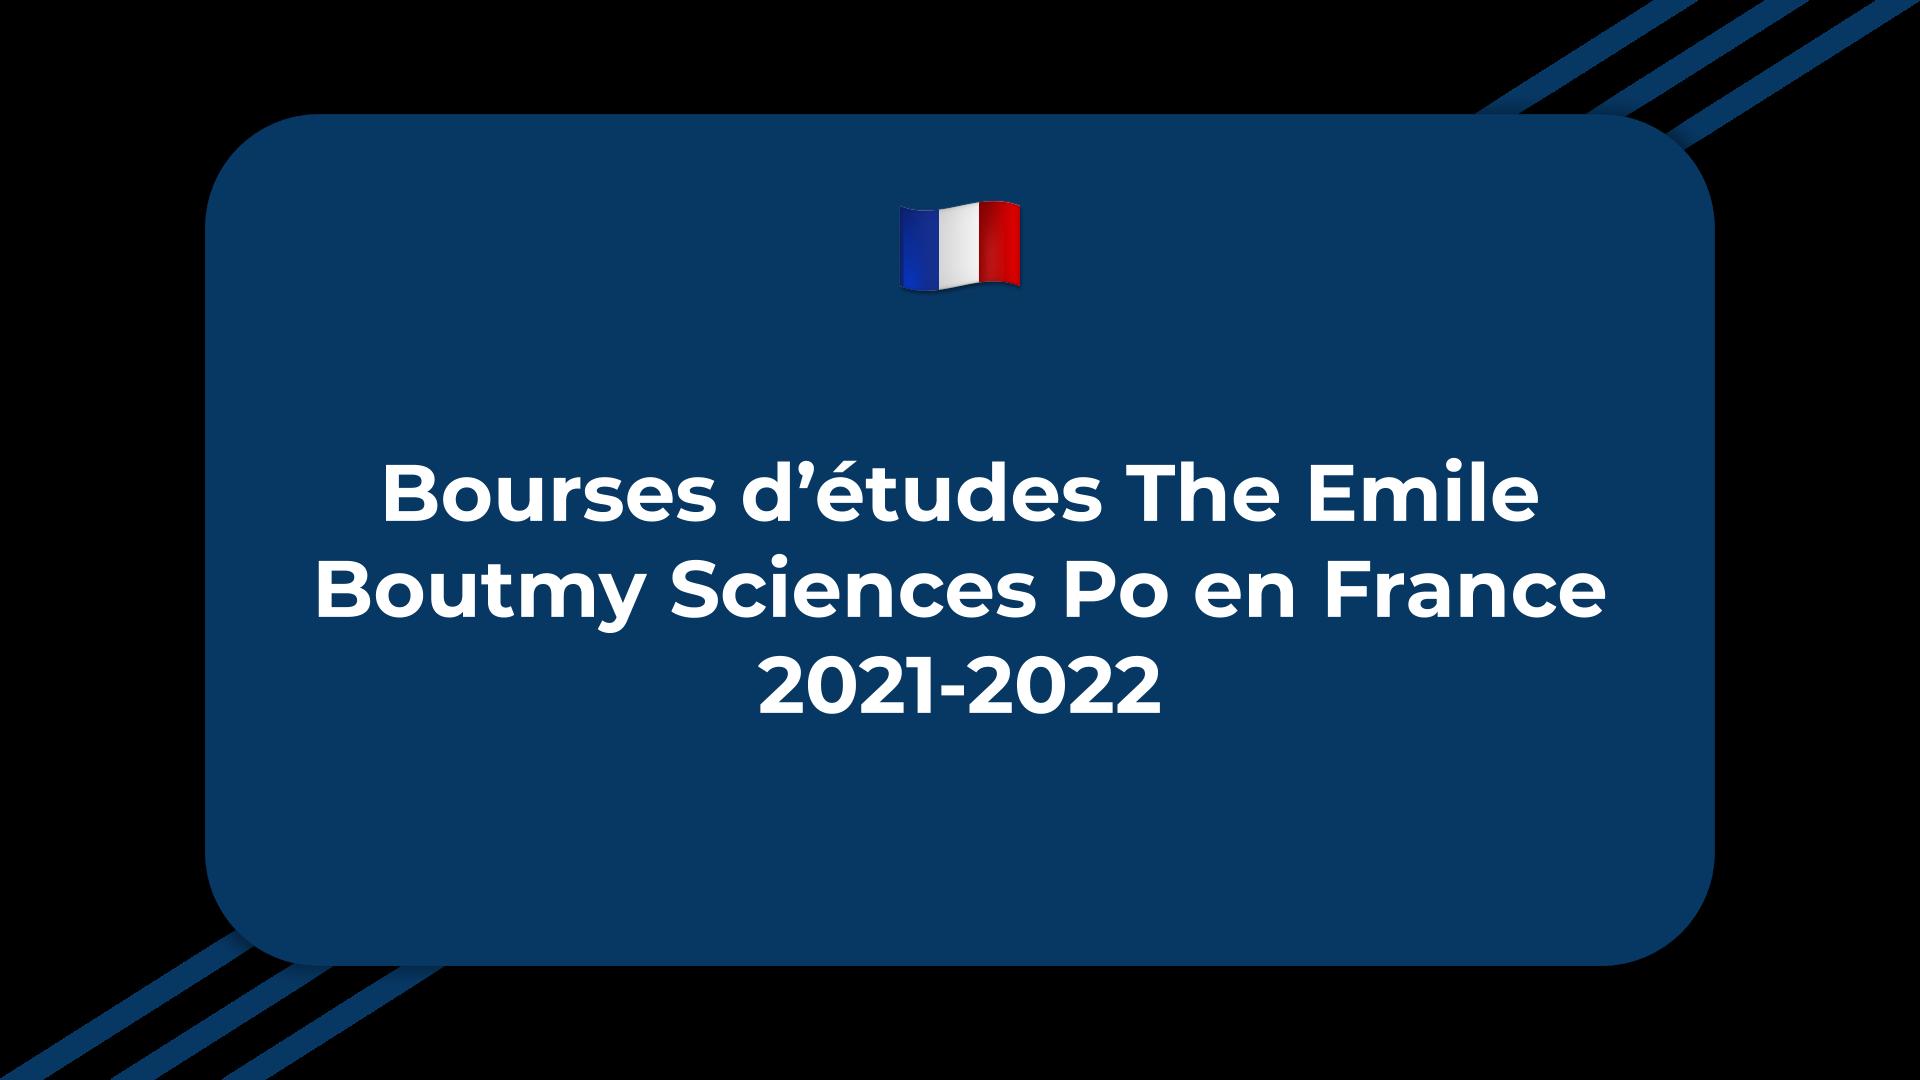 Bourses d'études The Emile Boutmy Sciences Po